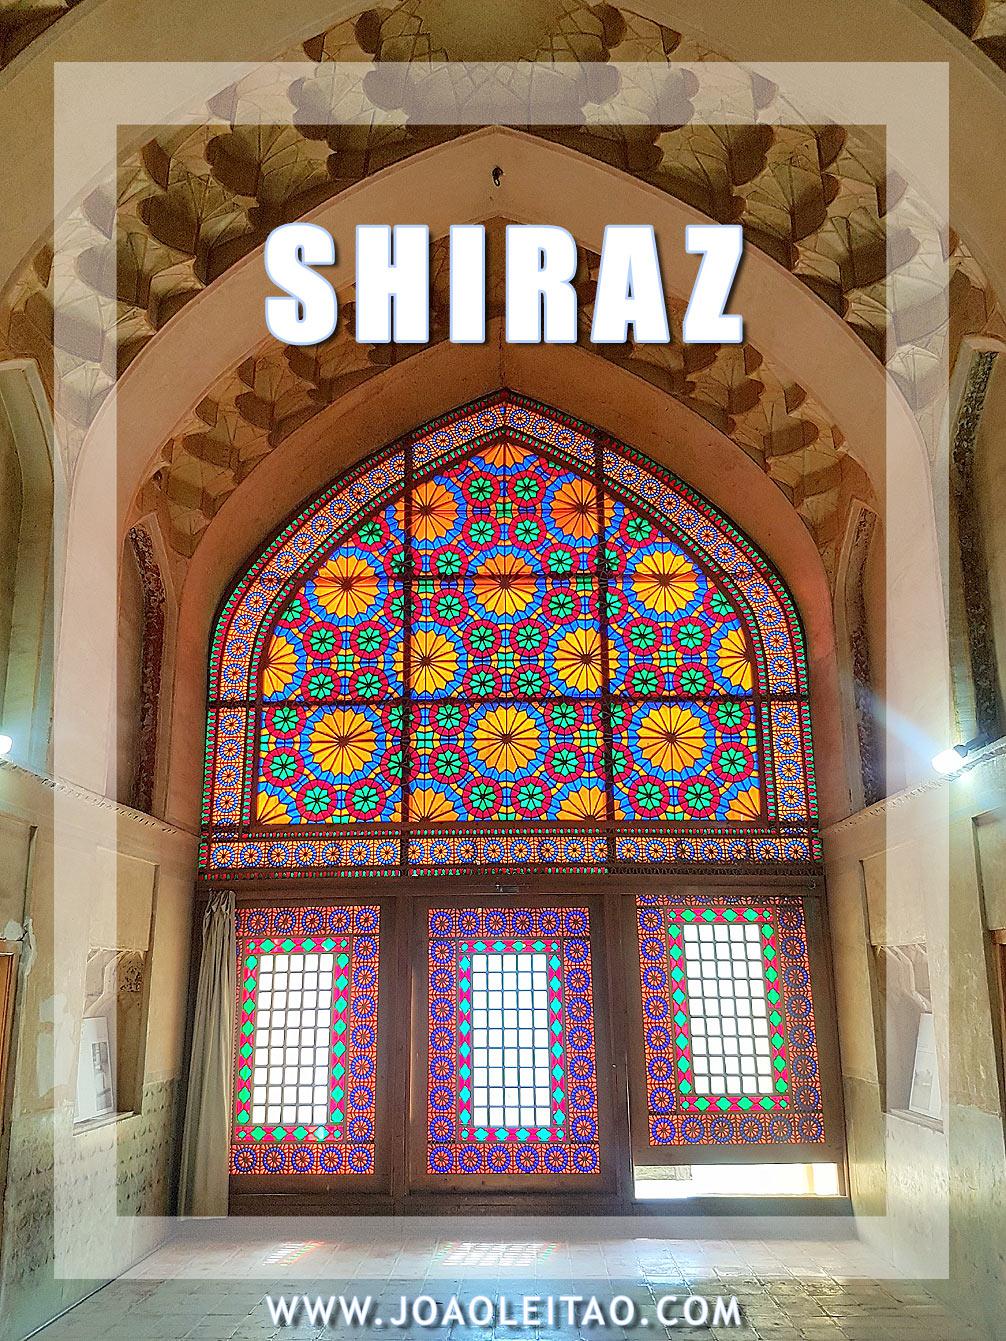 VISIT SHIRAZ